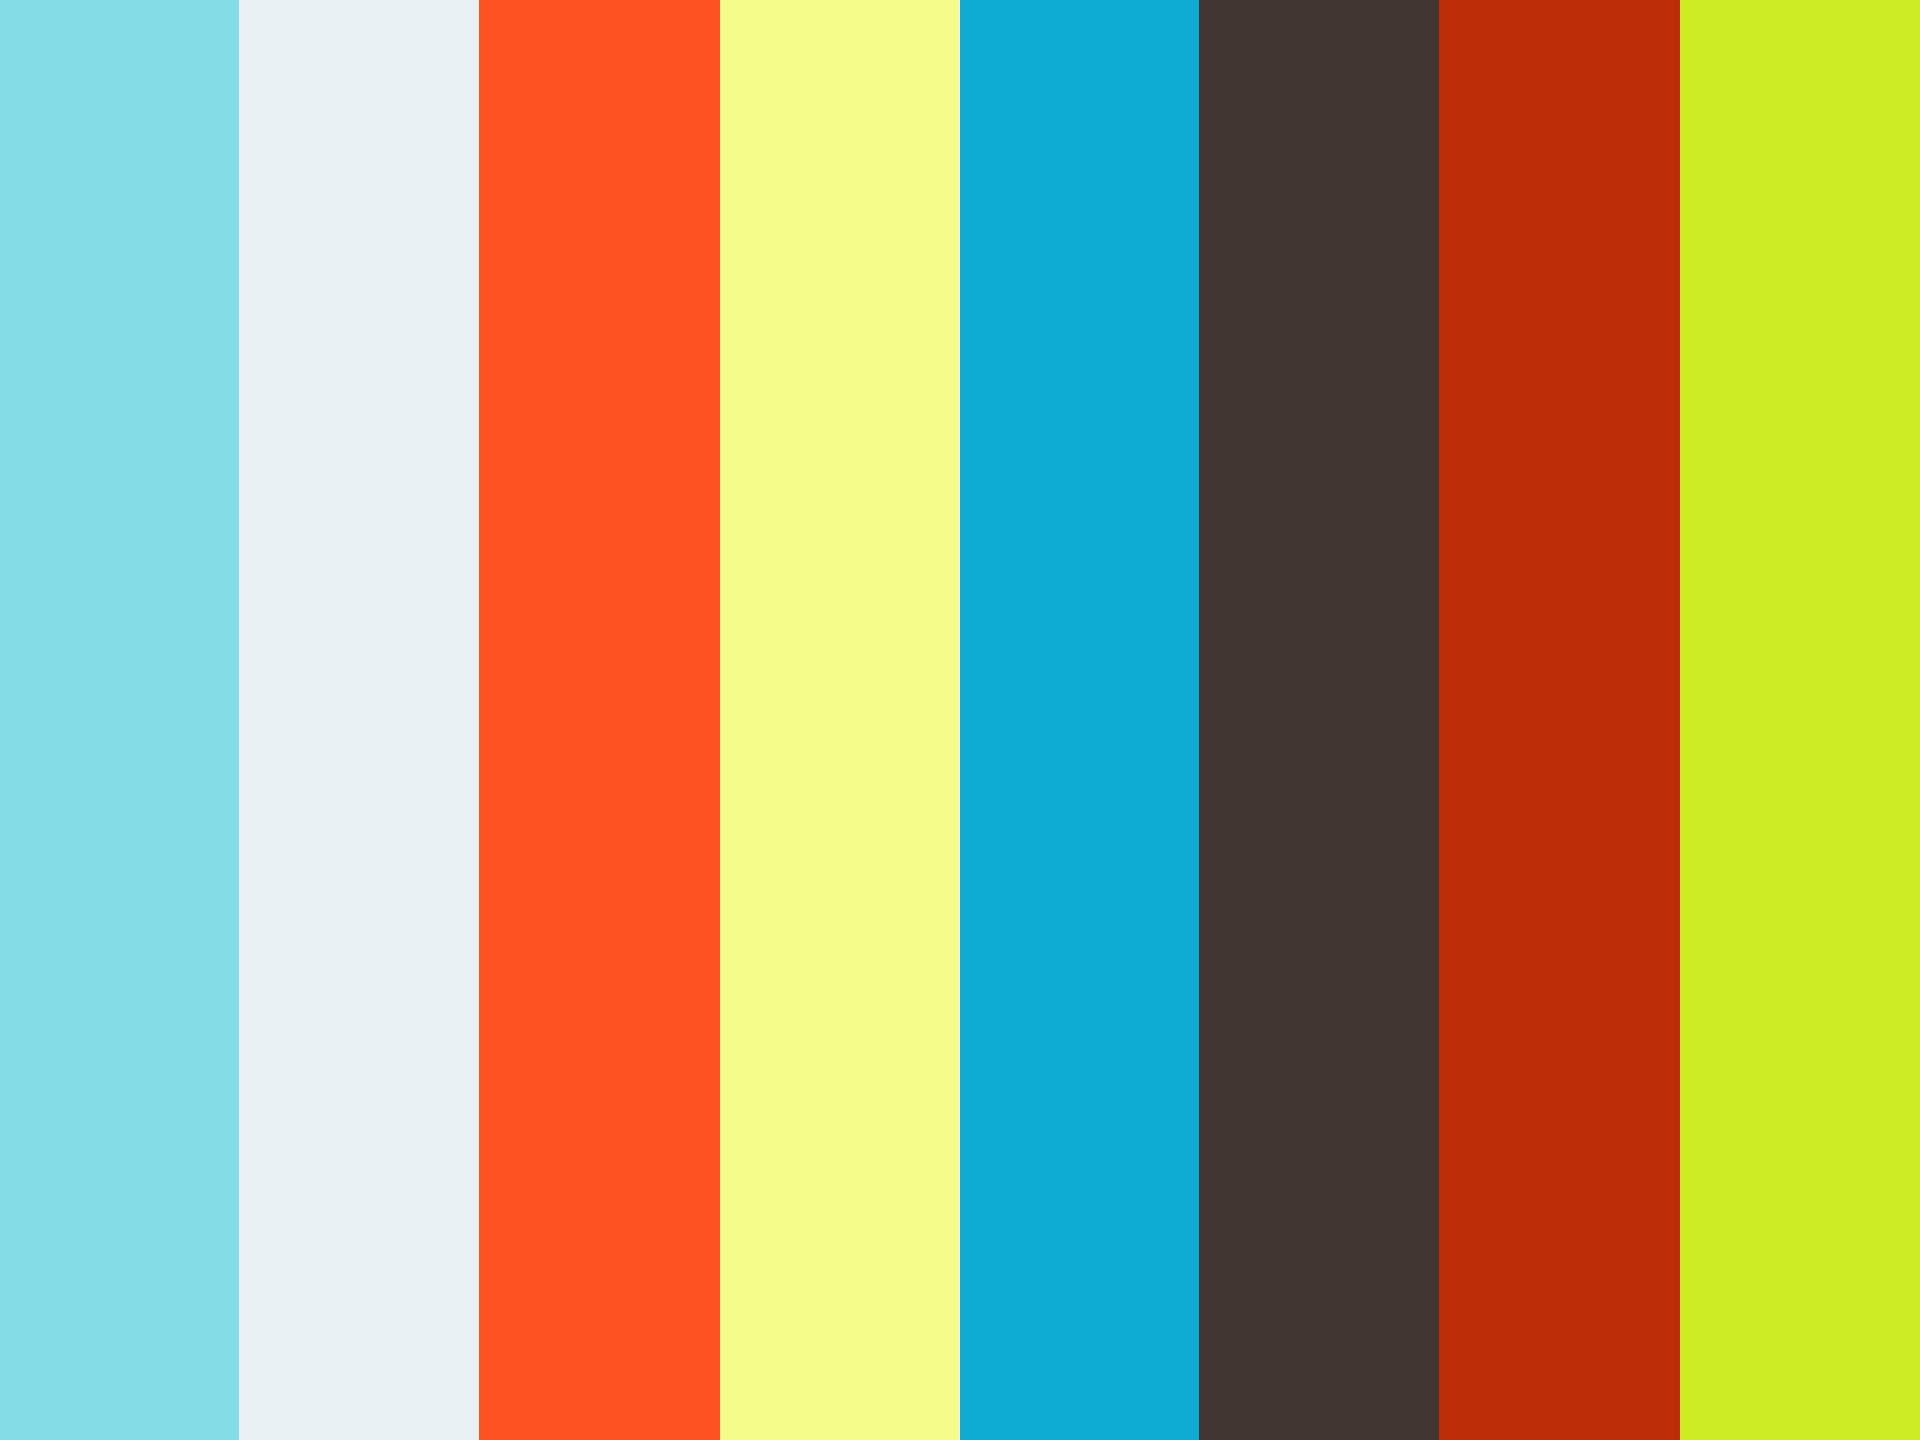 MERCEDES BENZ E300 - SILVER - 2017